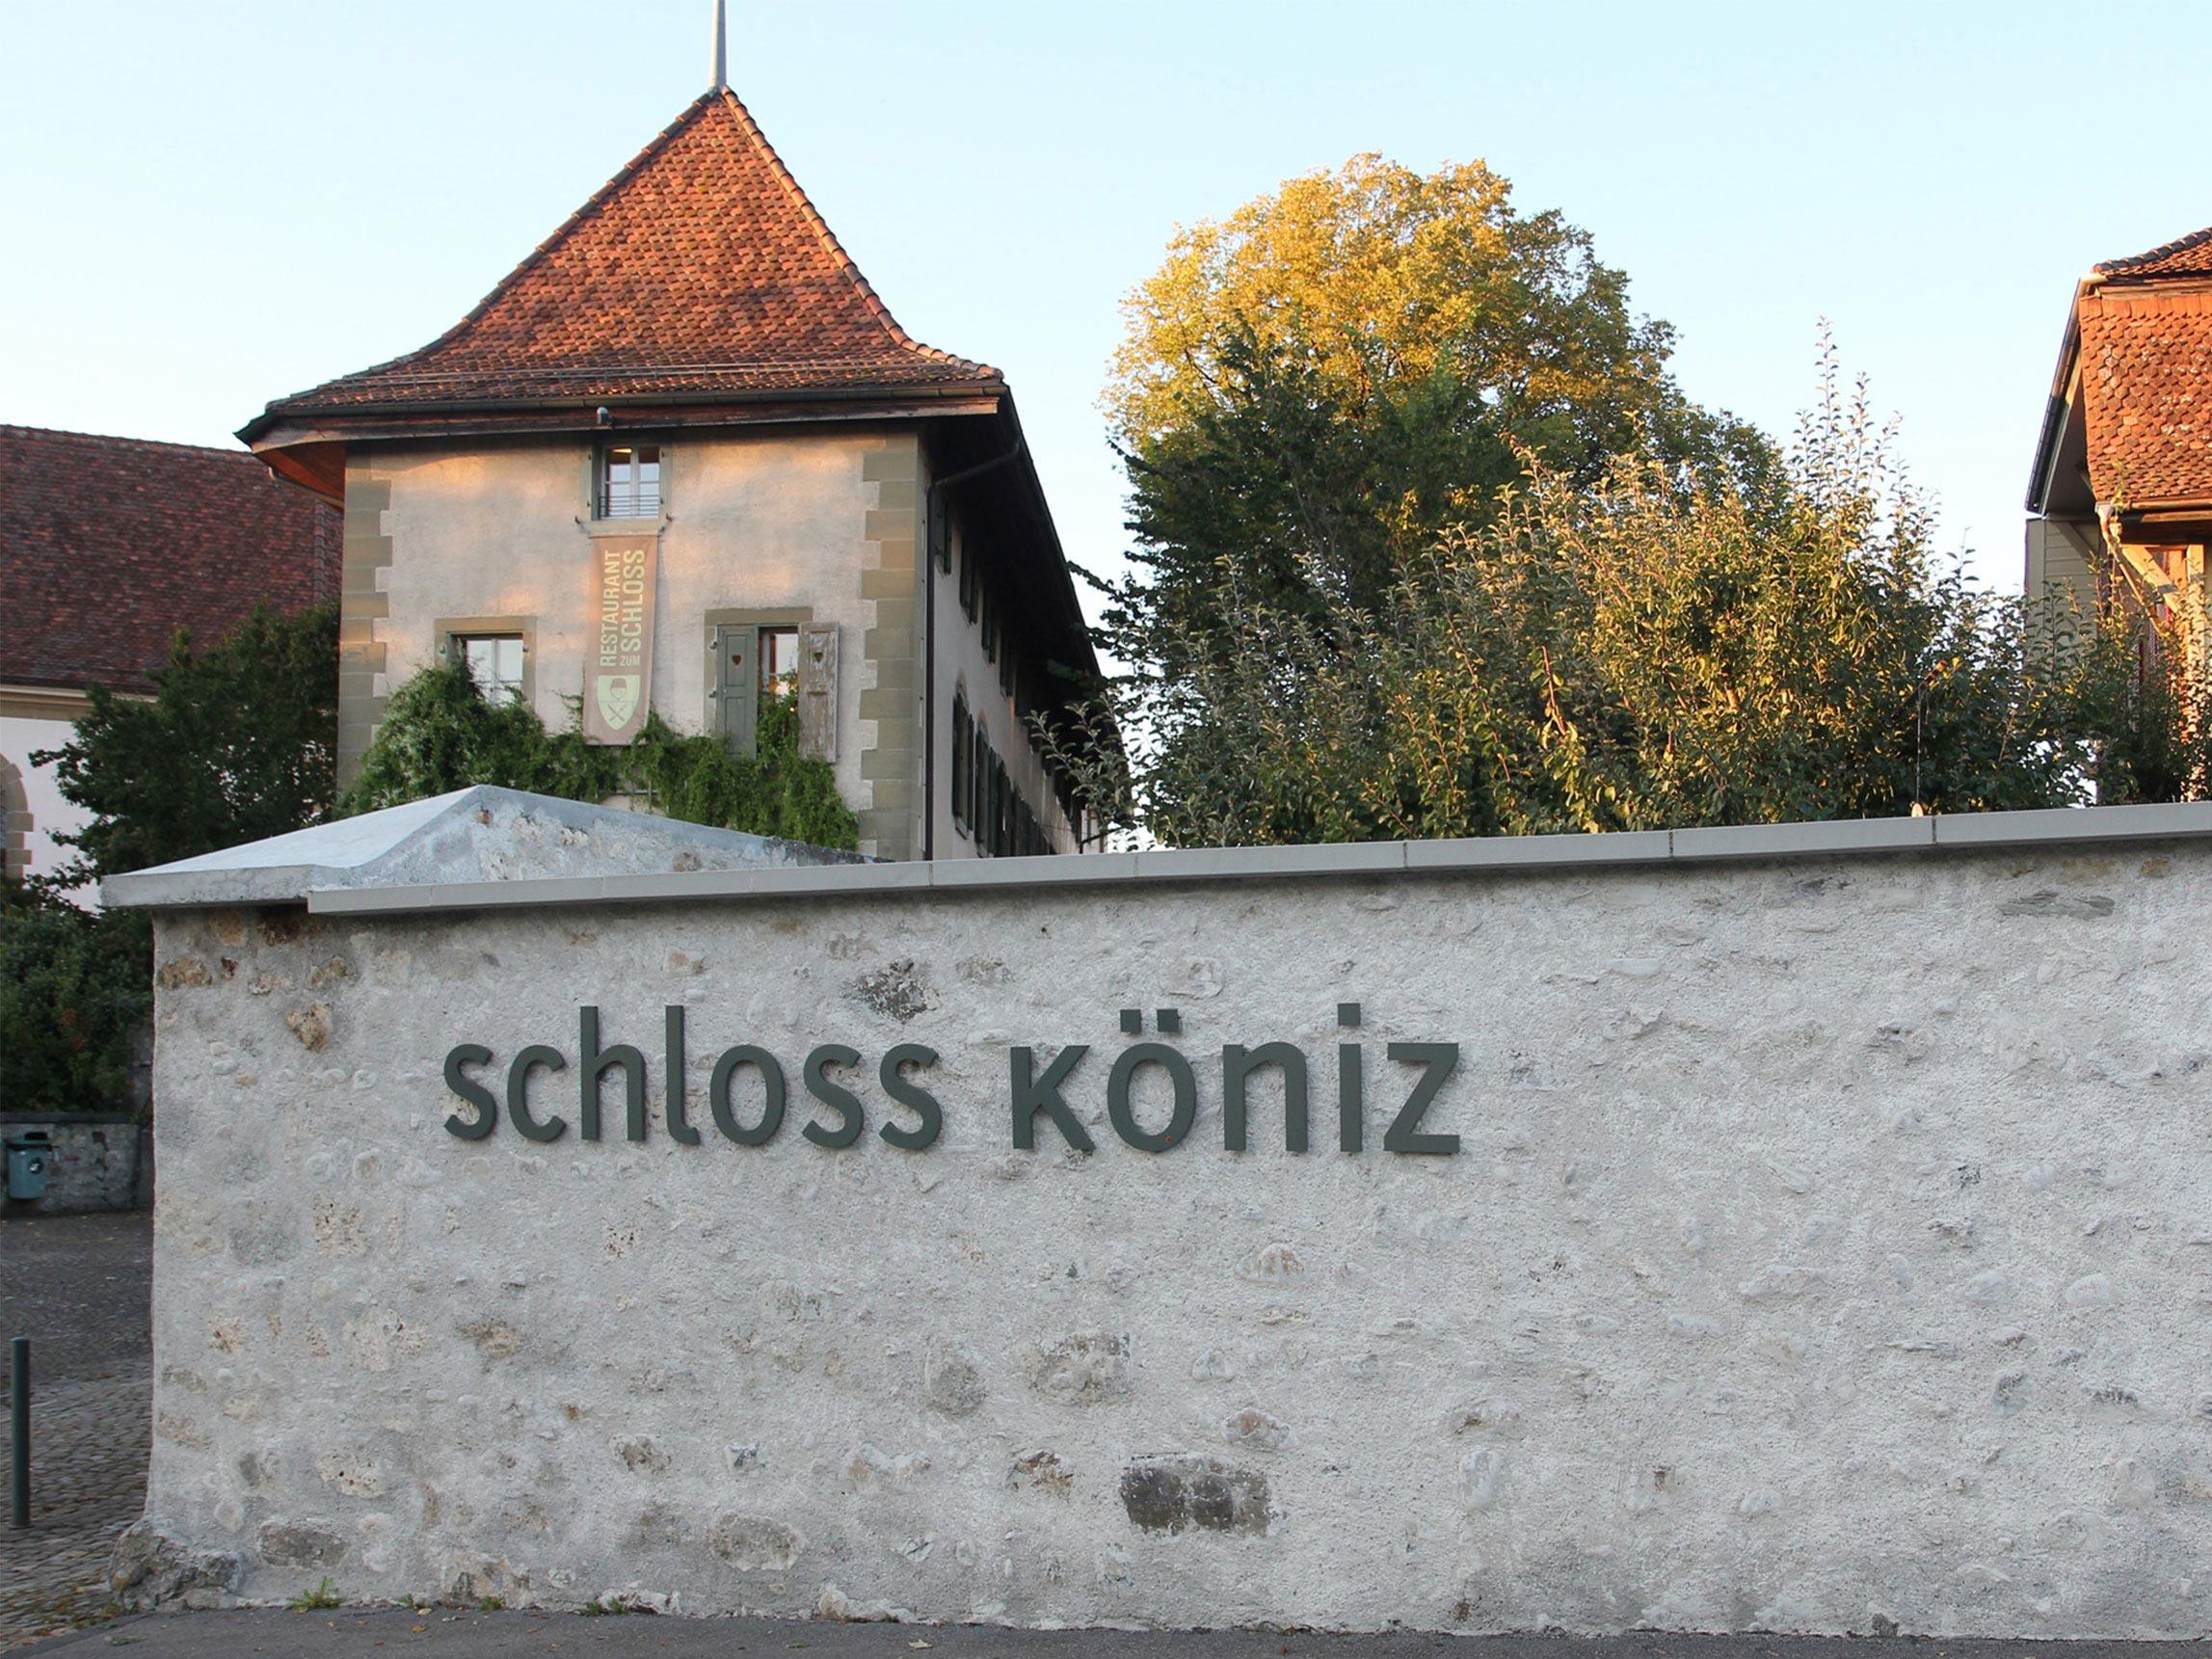 Anschrift Schloss Koeniz Metal Signaletik Branding Front